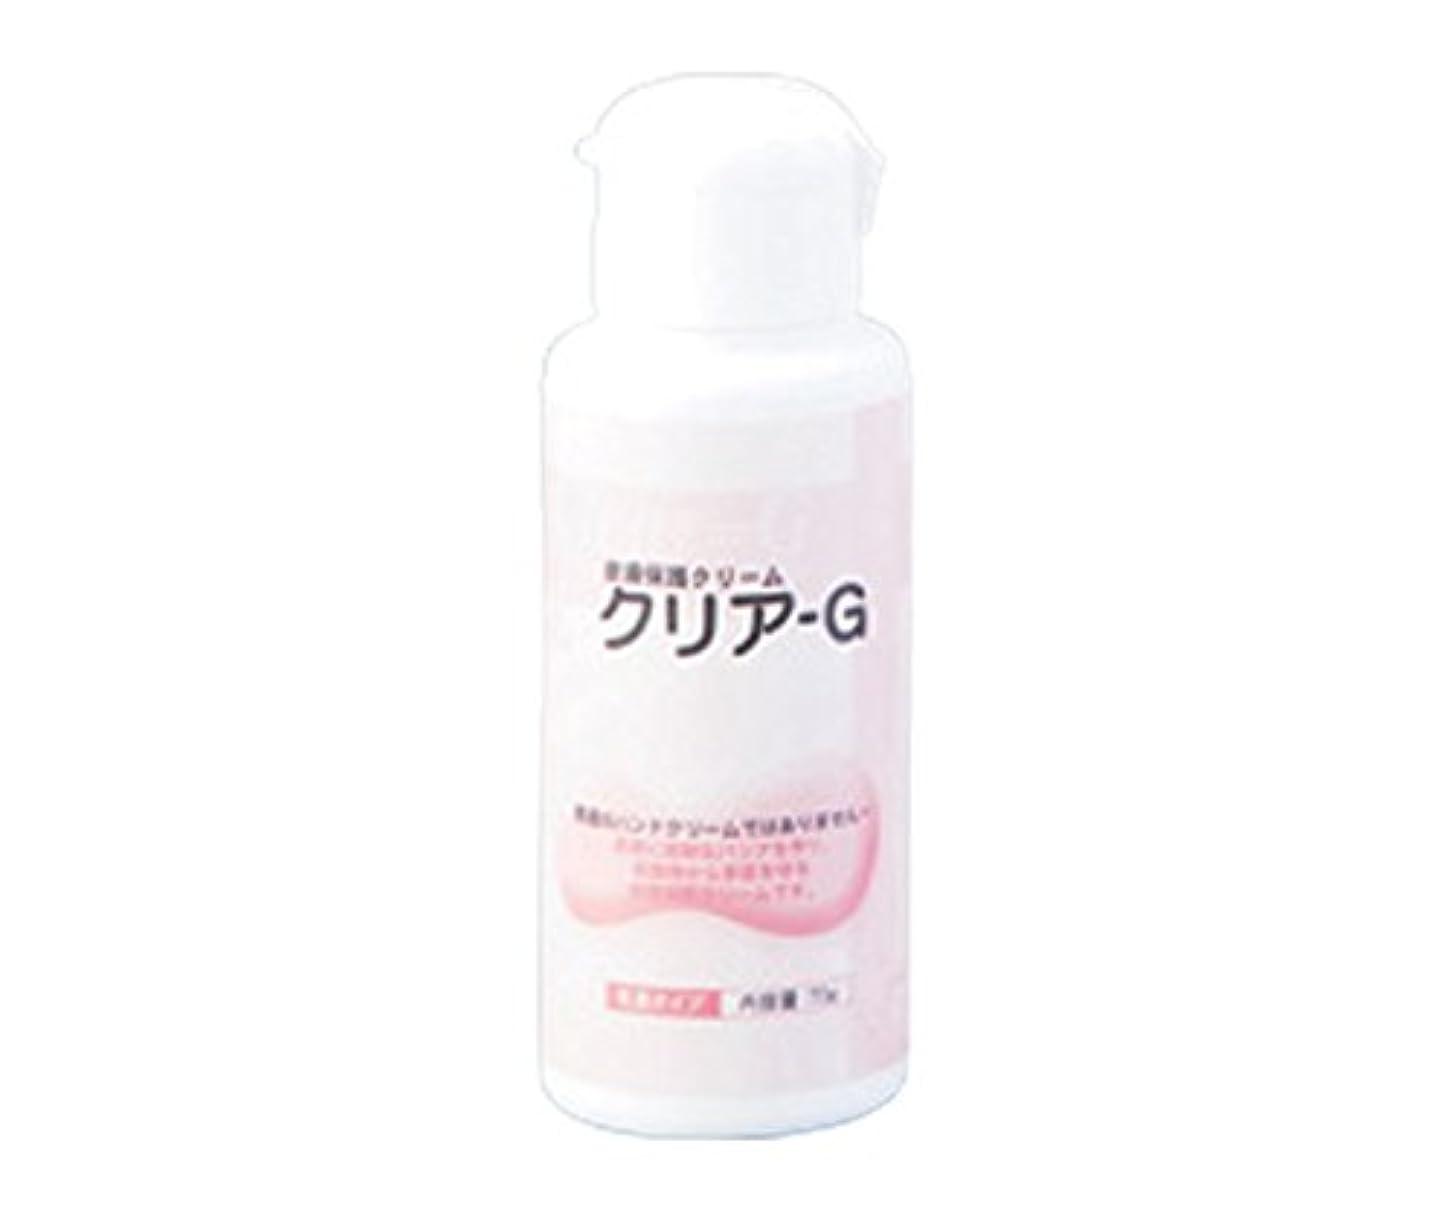 皮膚保護クリーム(クリア-G) 70g